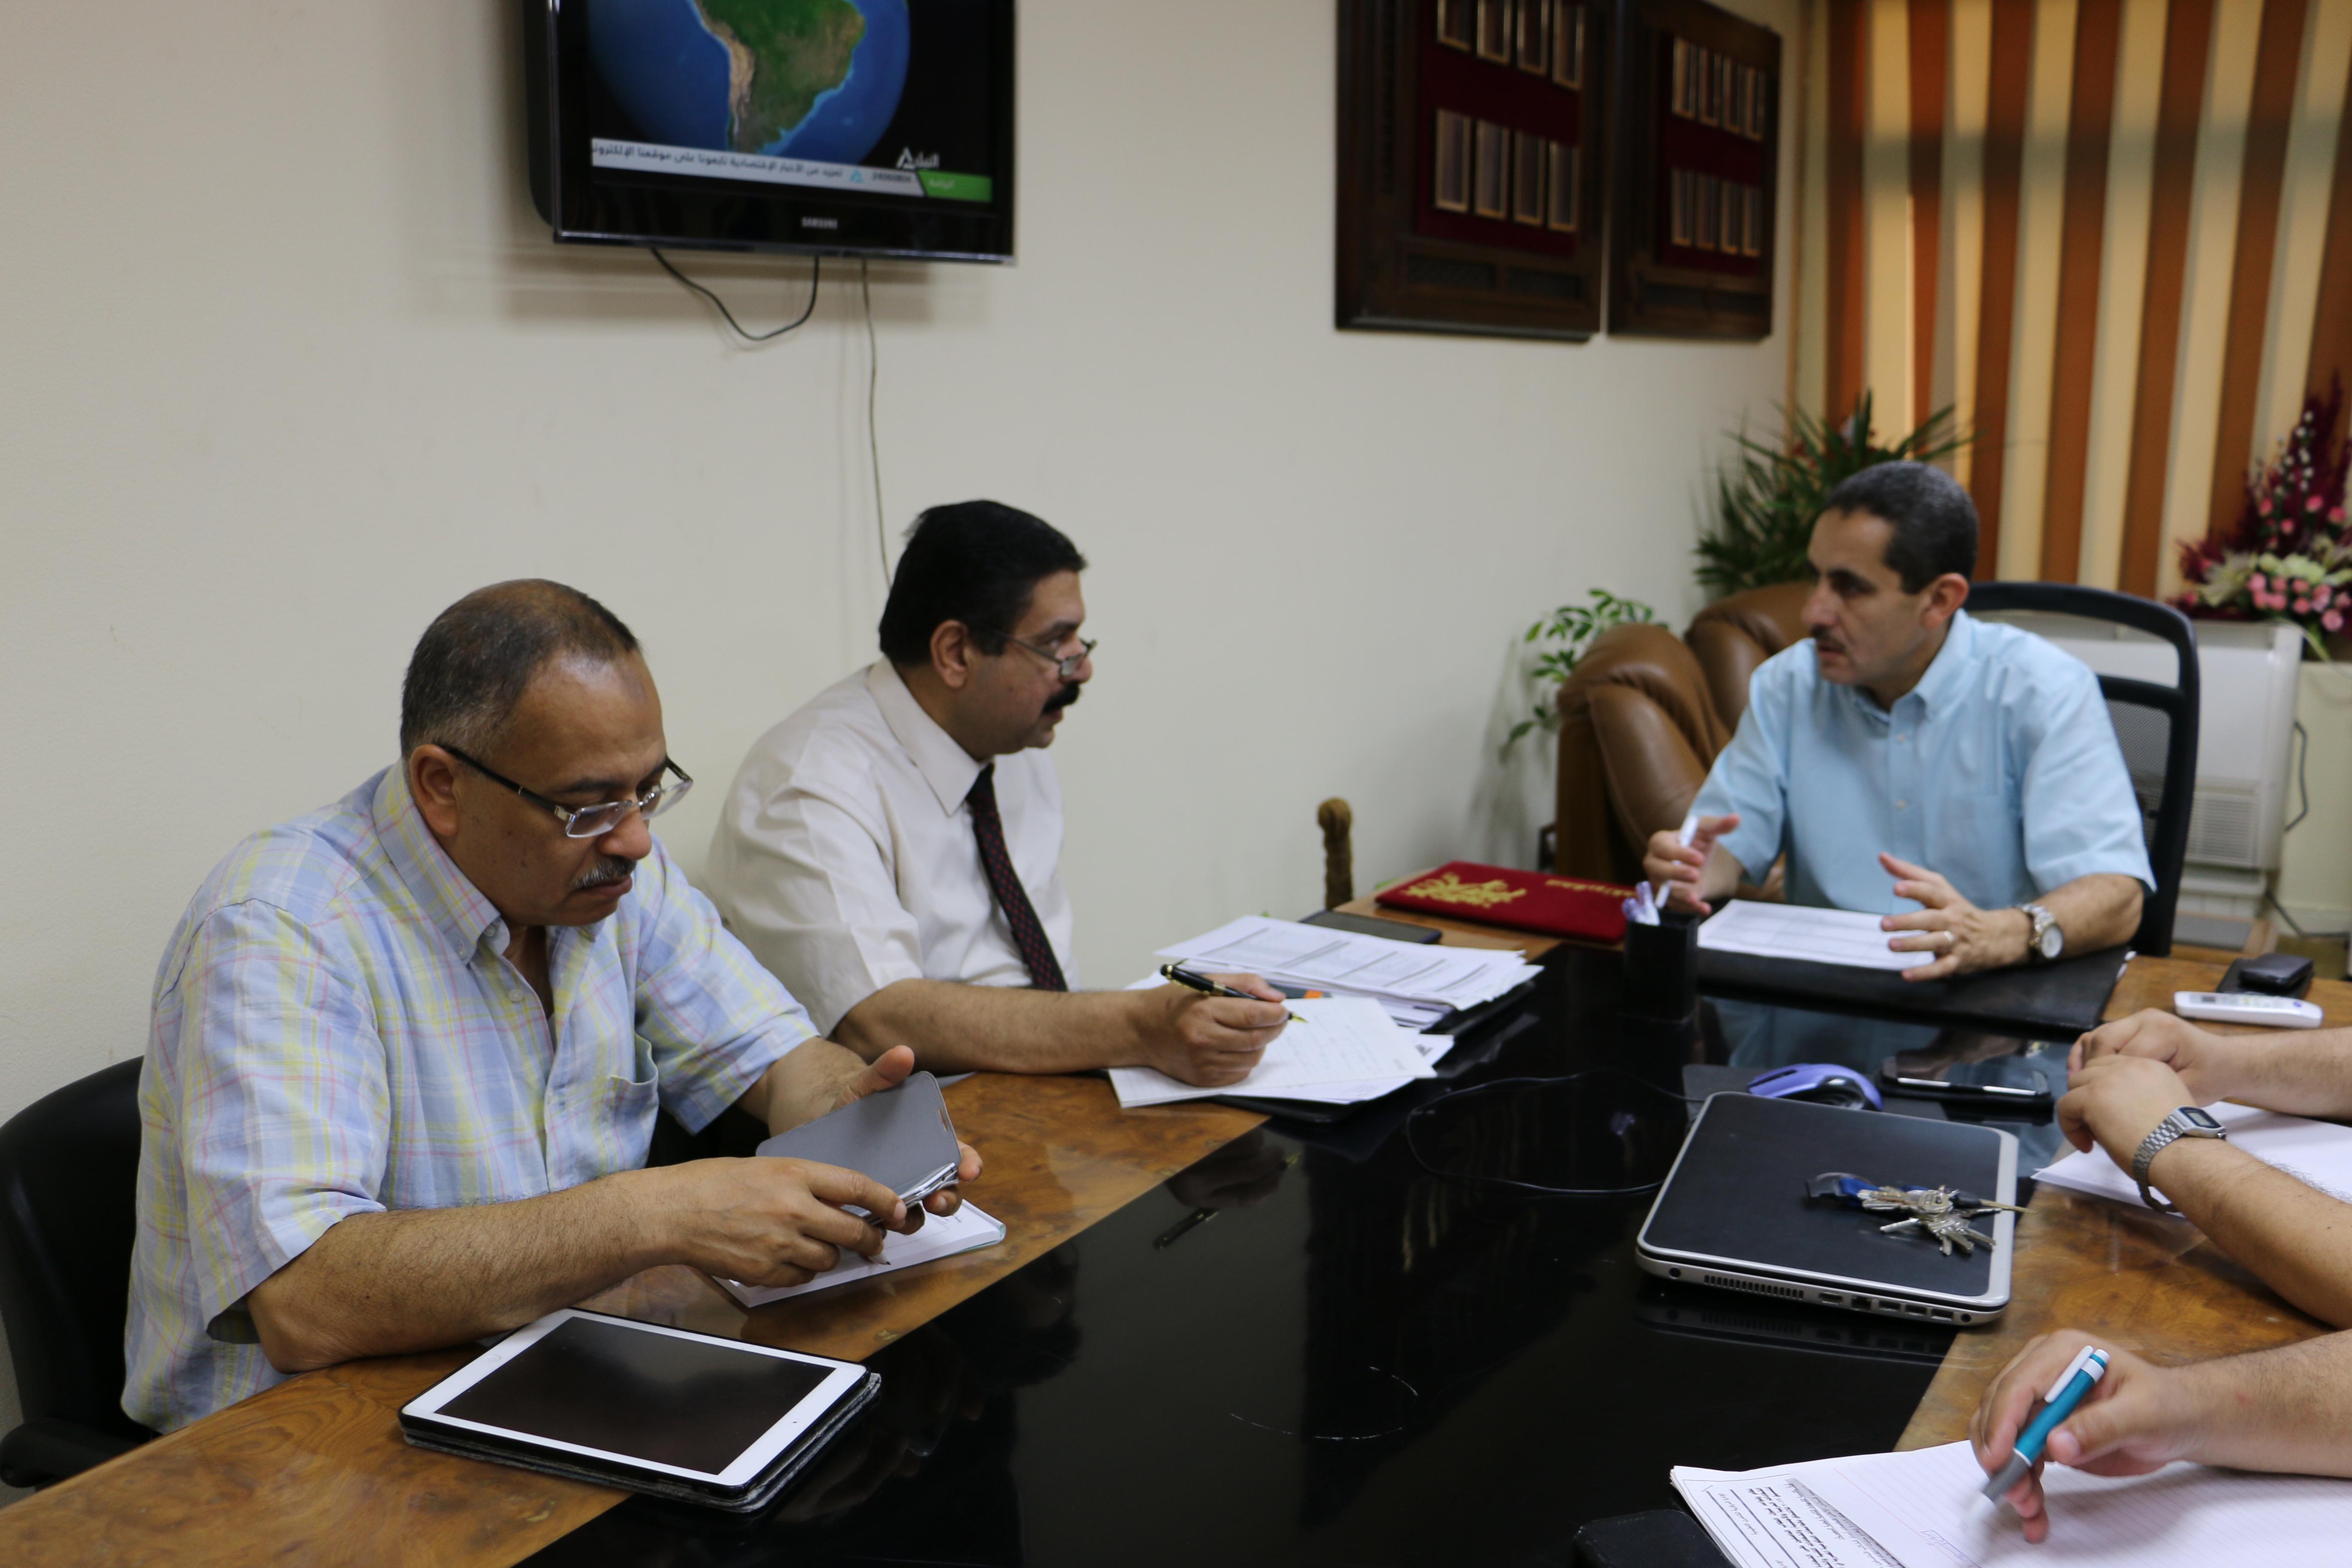 نائب رئيس الجامعة يستمر بعقد اجتماعات إعداد التنسيق الالكتروني بجامعة قناة السويس